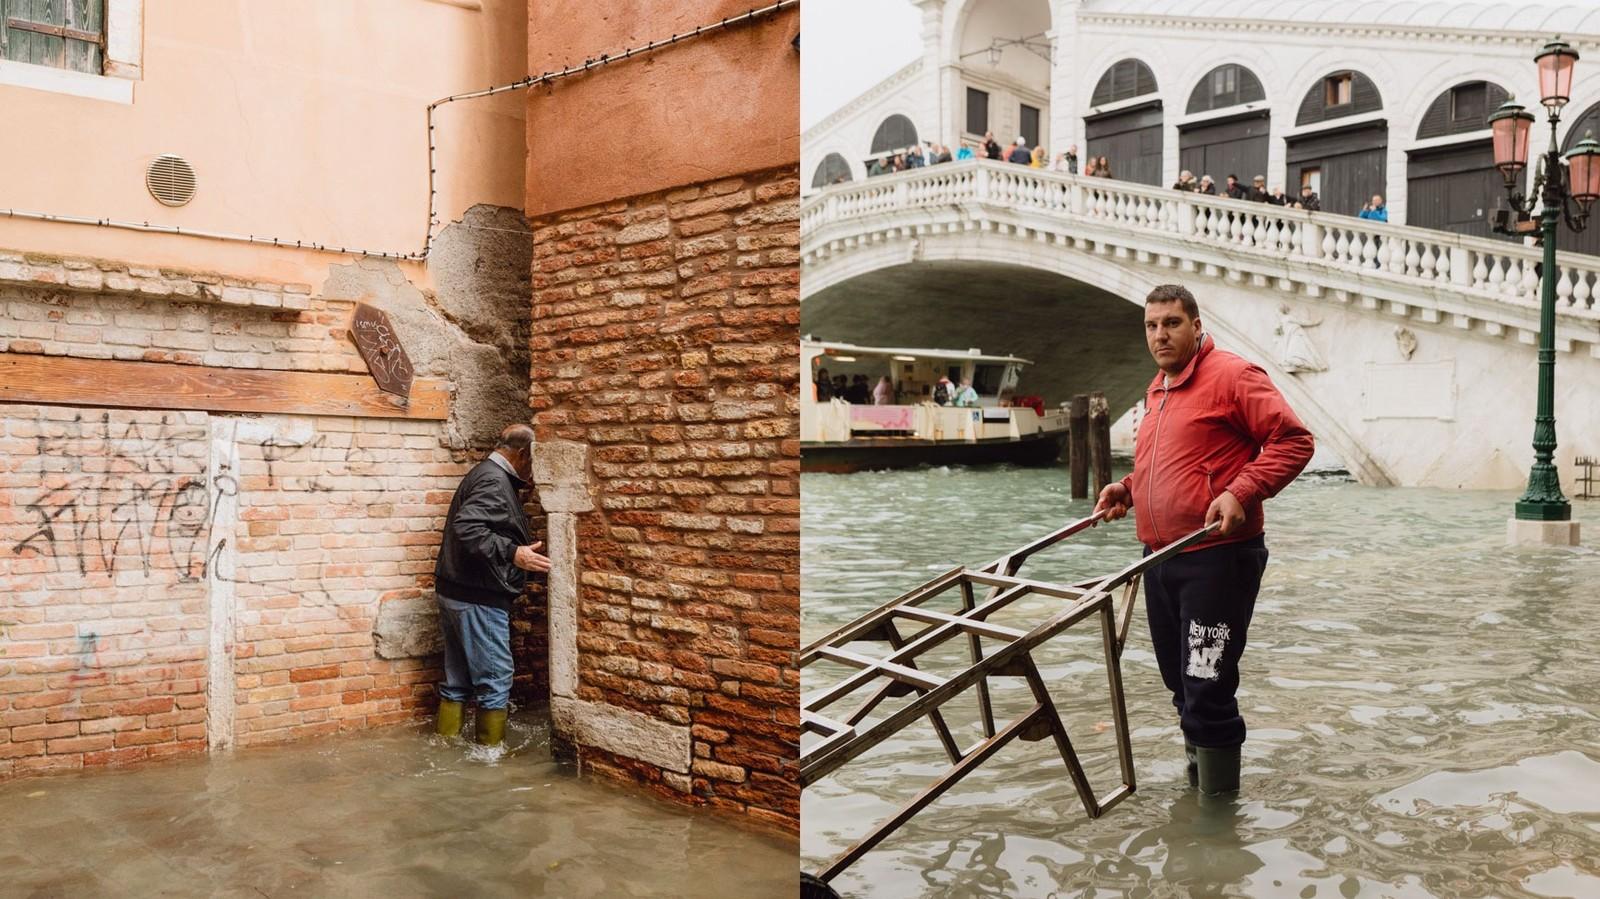 Le calme inquiétant de Venise sous les eaux